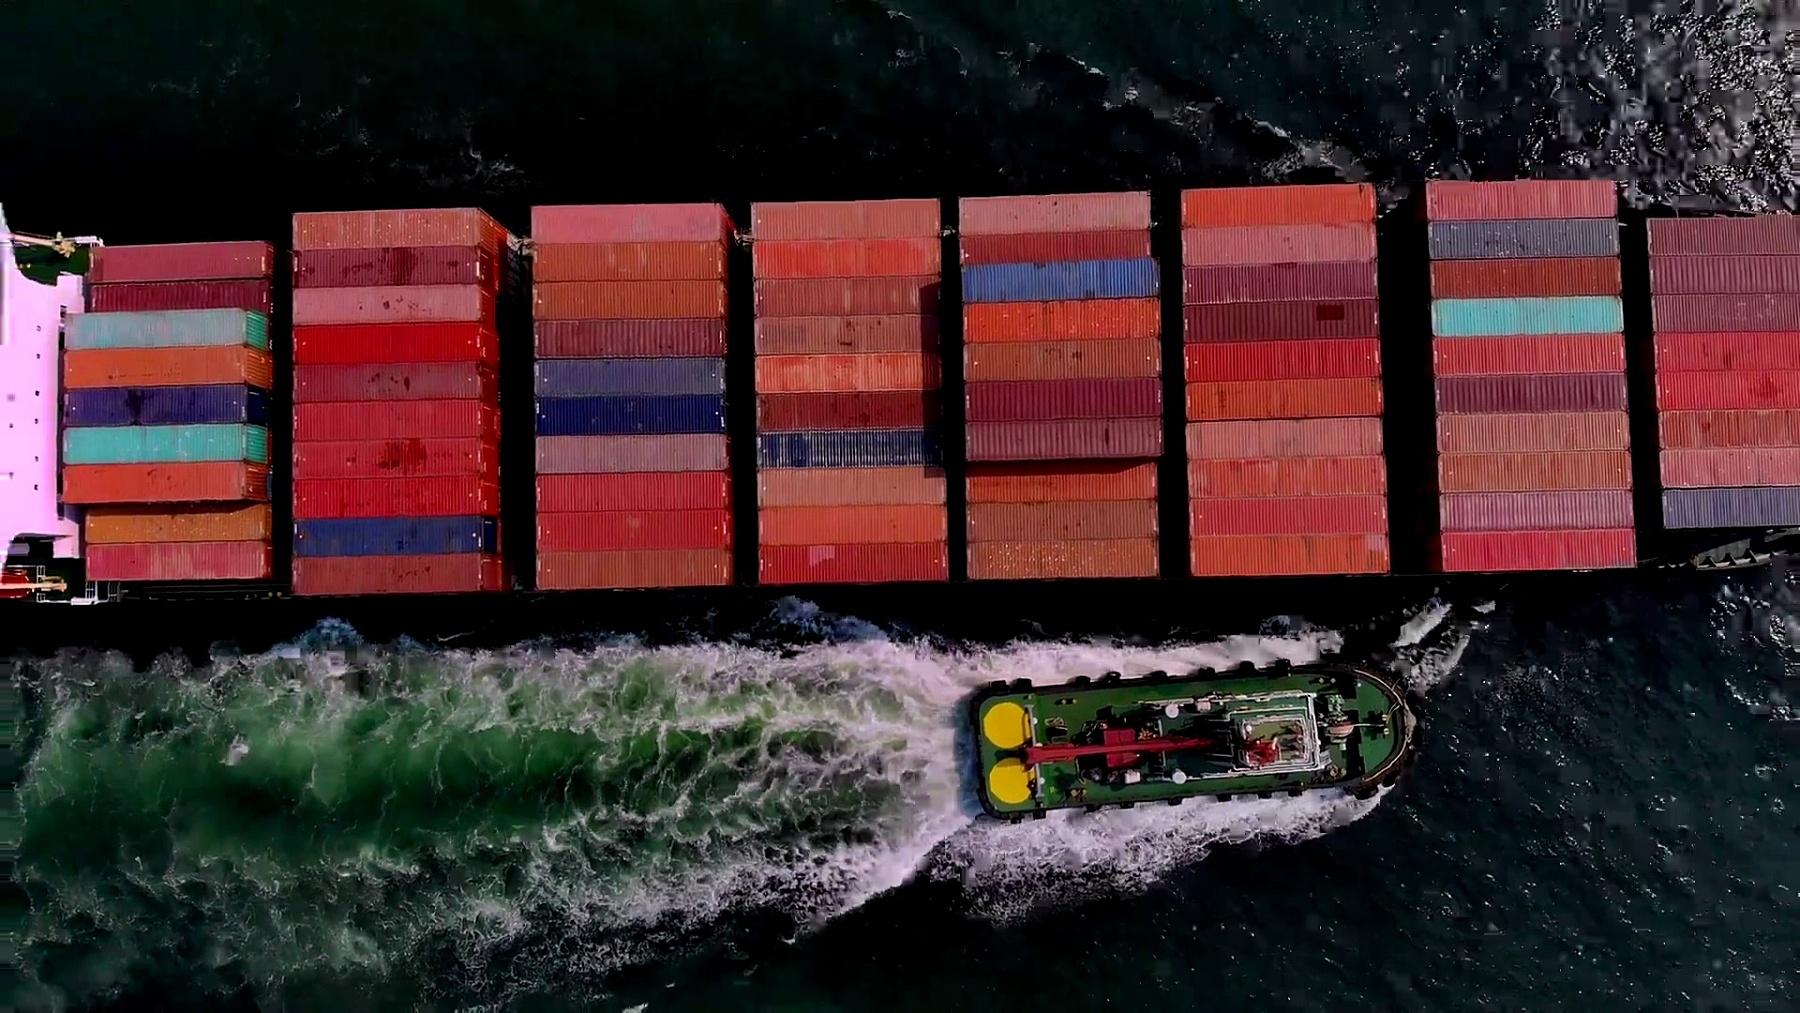 集装箱货船和运输,商务国际贸易和集装箱物流进出口港口到国际港口/货船通过港口-从无人驾驶飞机俯瞰